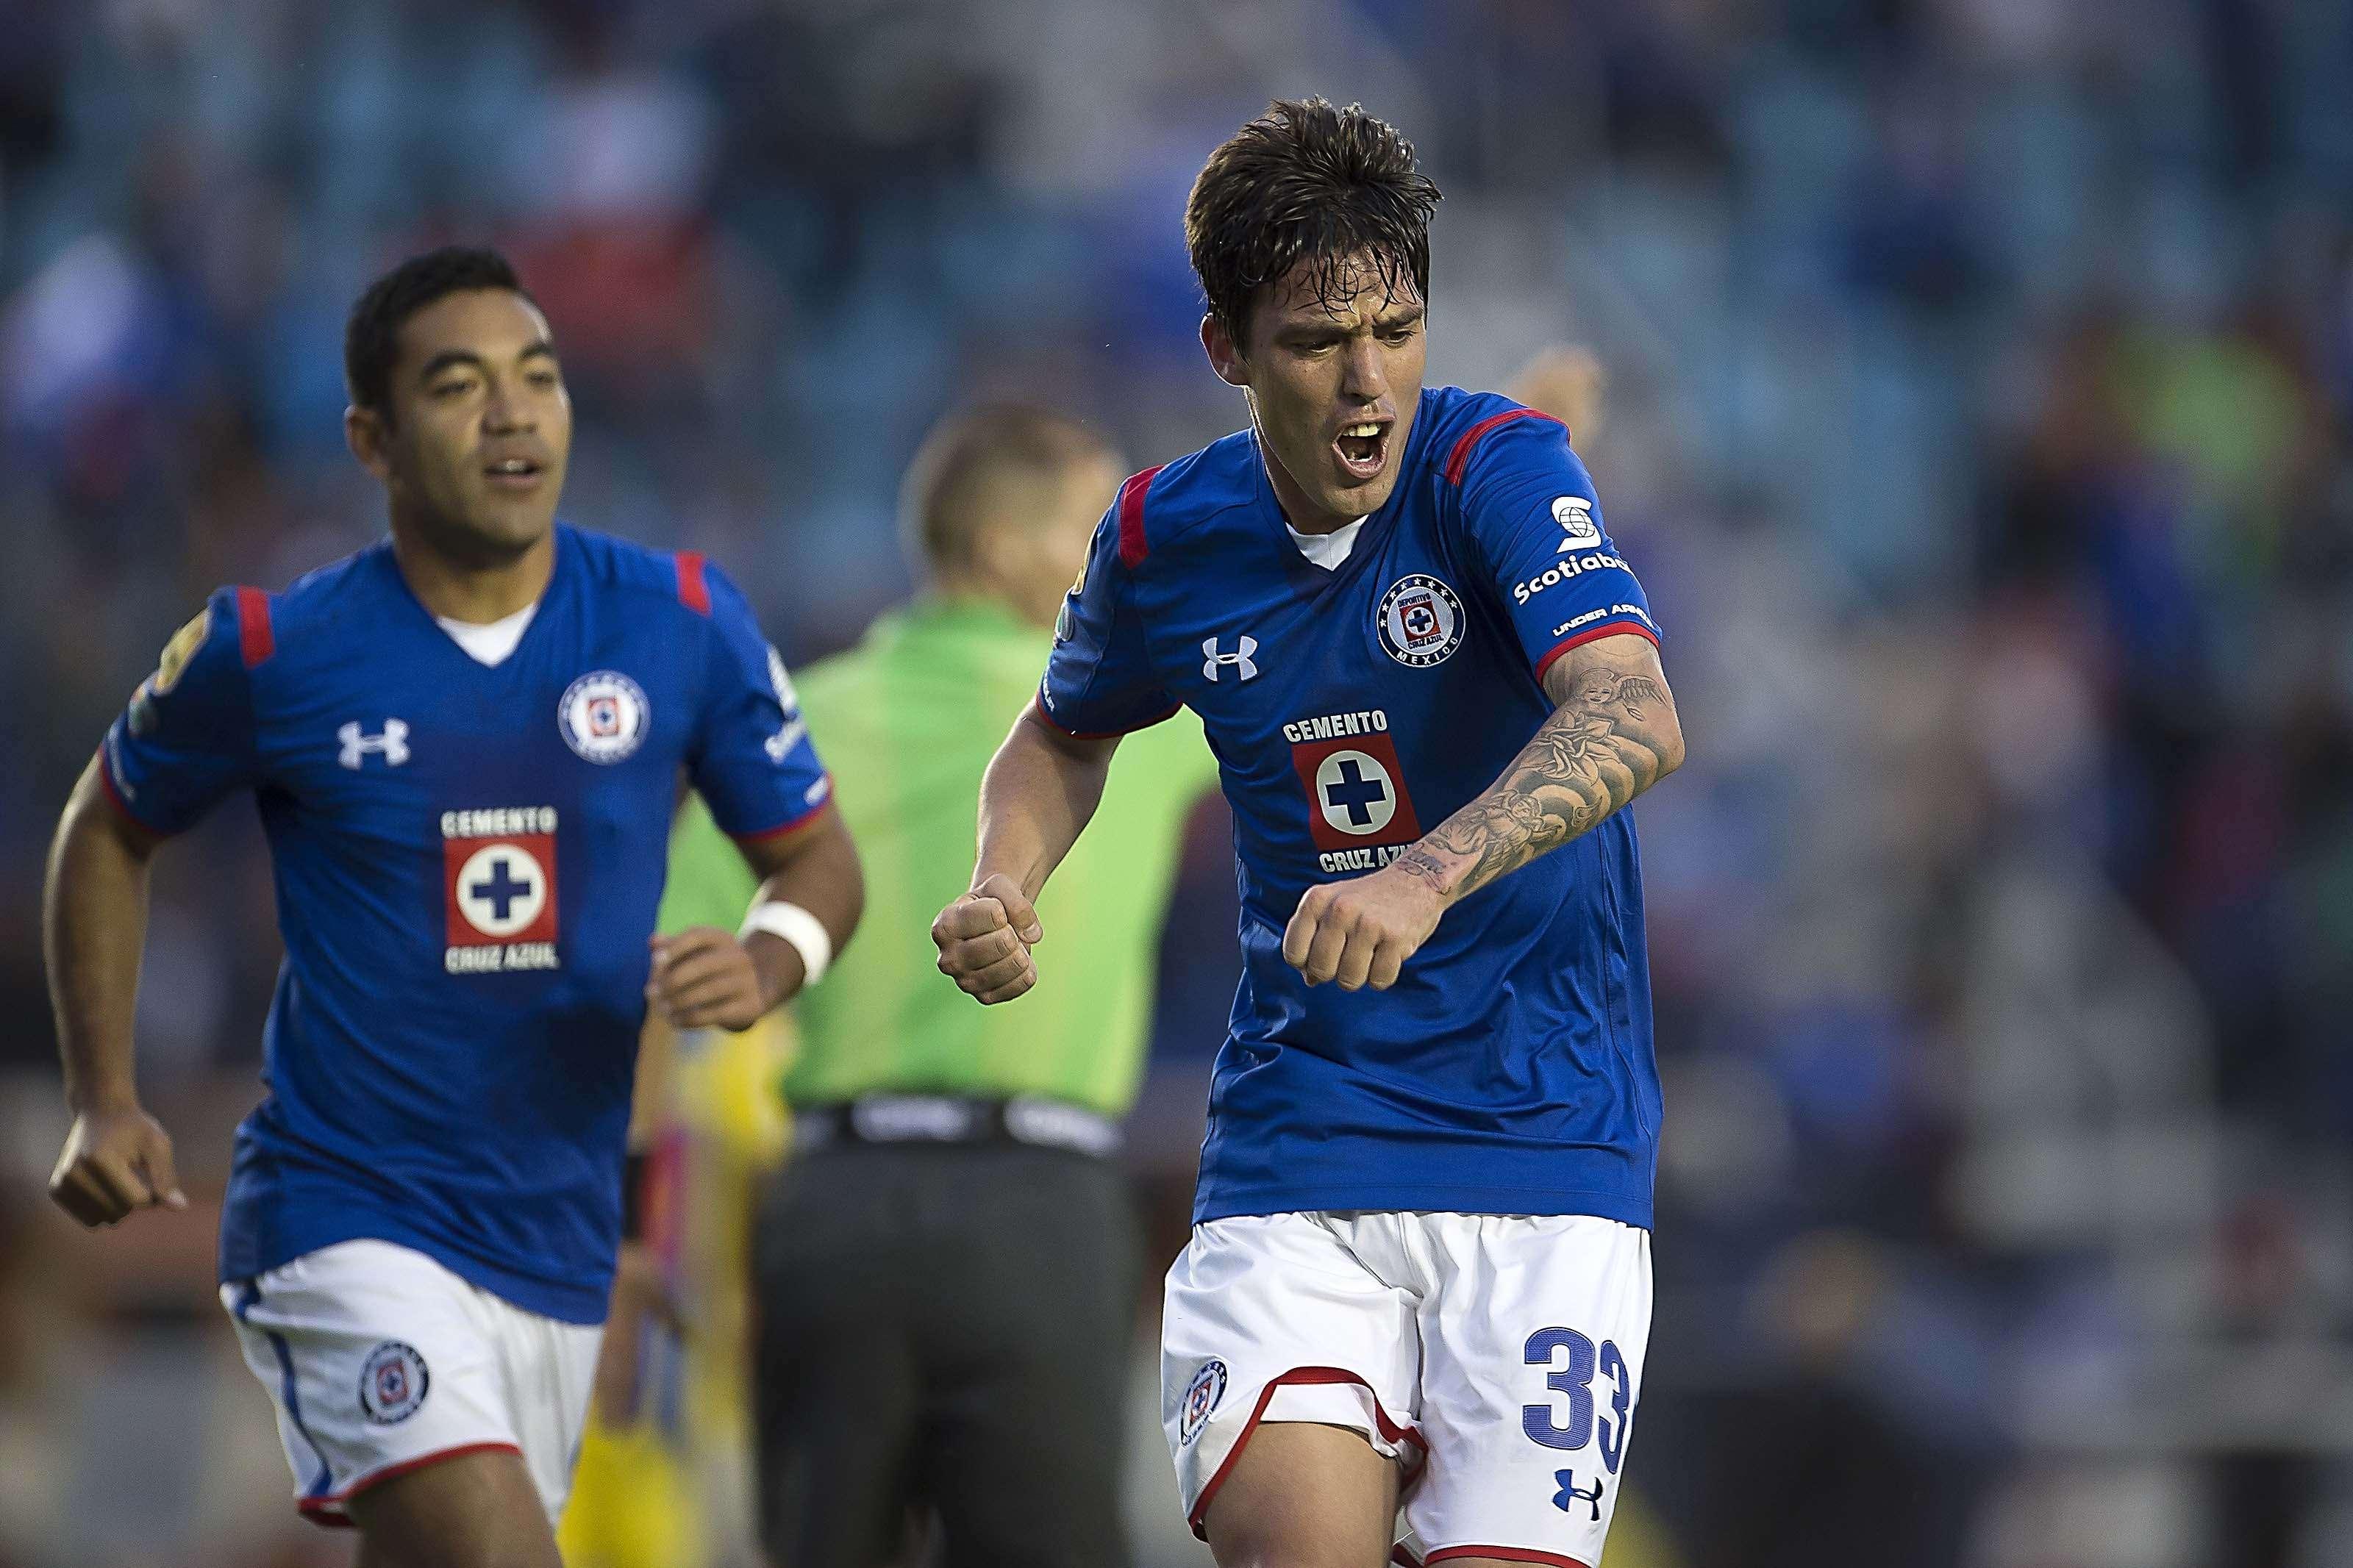 Cruz Azul venció 2-0 a Chorrillo con goles de Mauro Formica e Ismael Valadez, en un partido en el que Rogelio Chávez falló dos penaltis que le podrían costar caro a La Máquina en la Concachampions. Foto: Mexsport